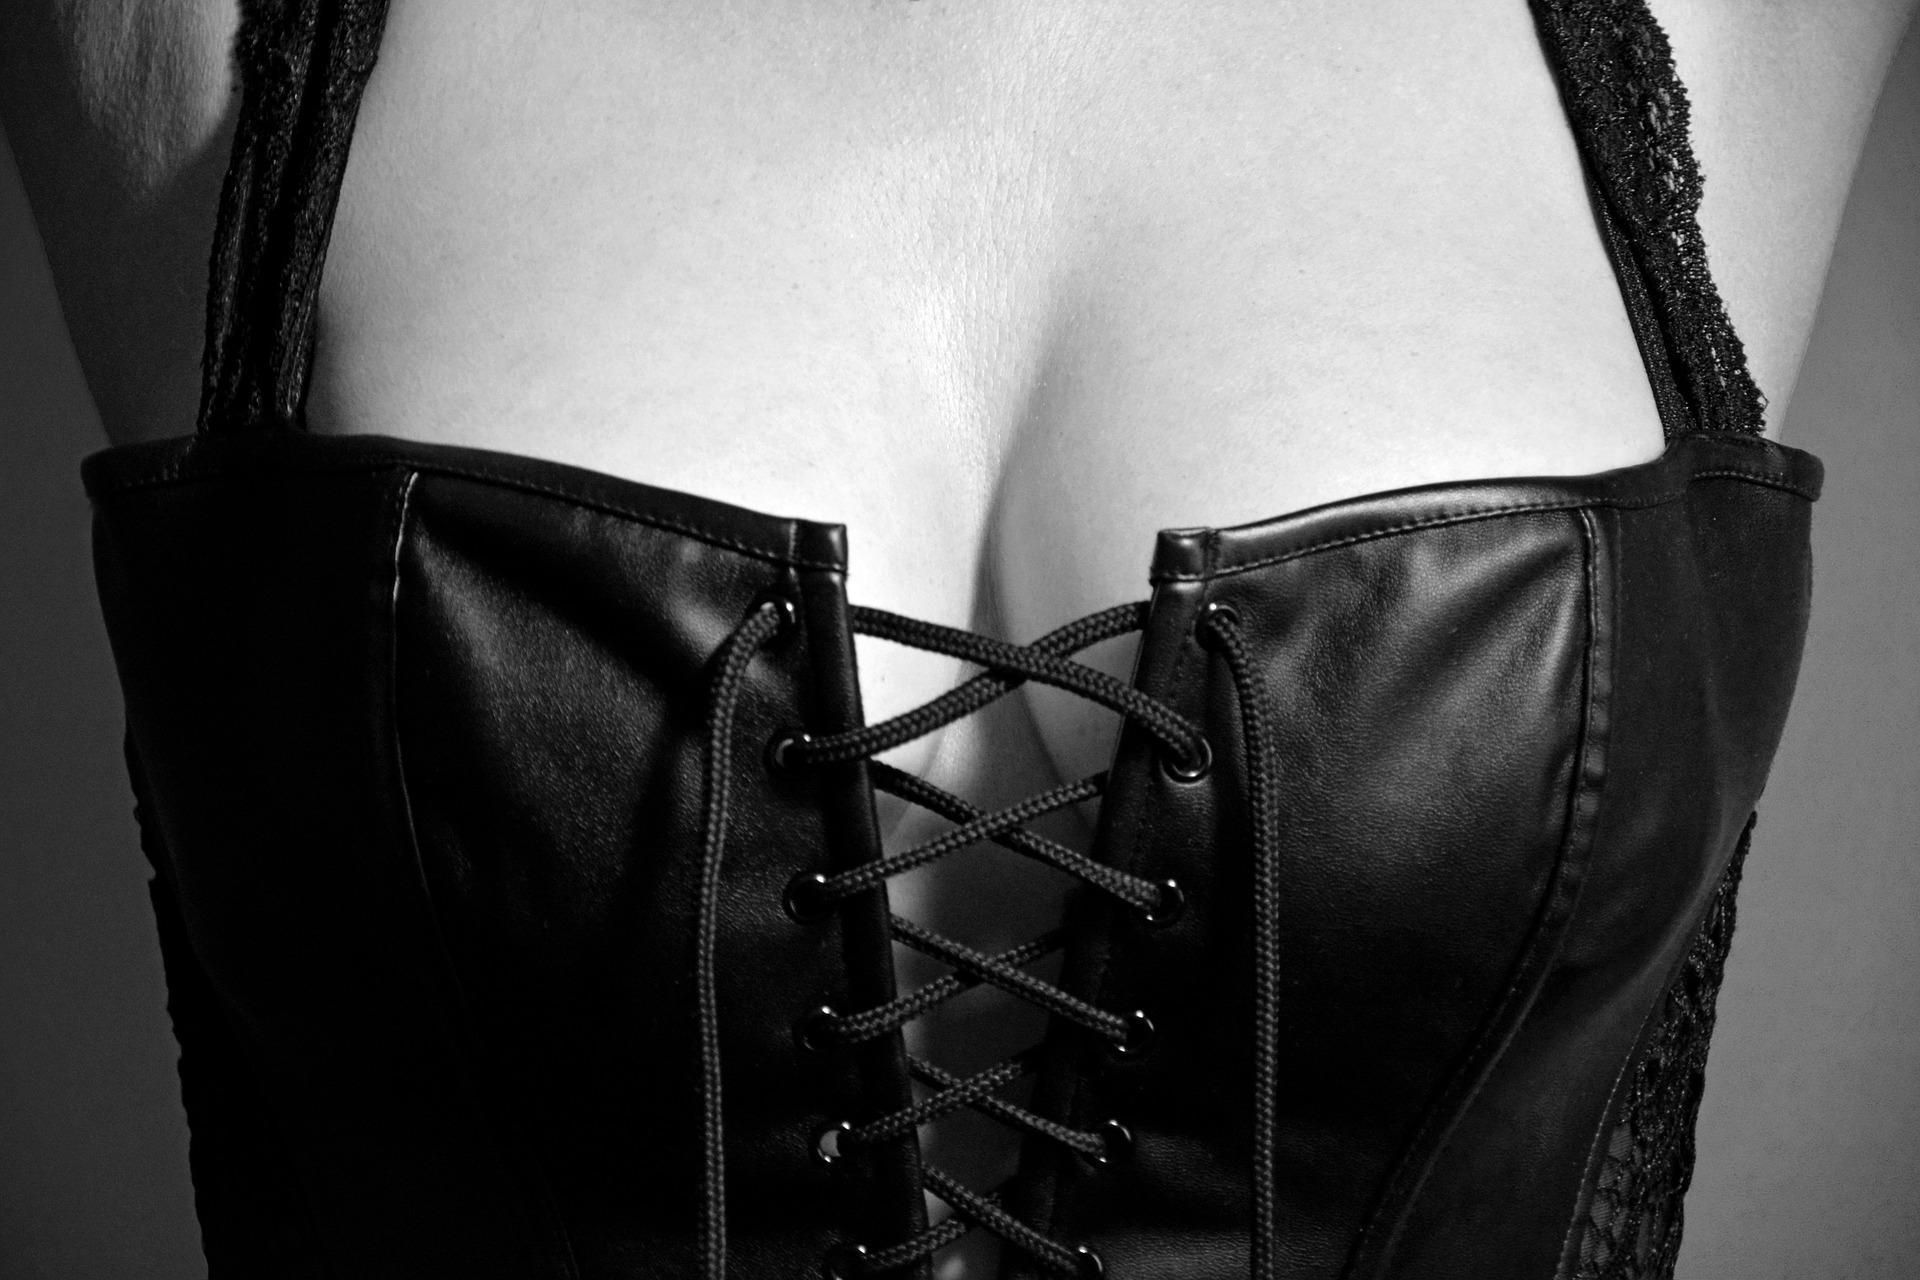 lingerie-2282678_1920